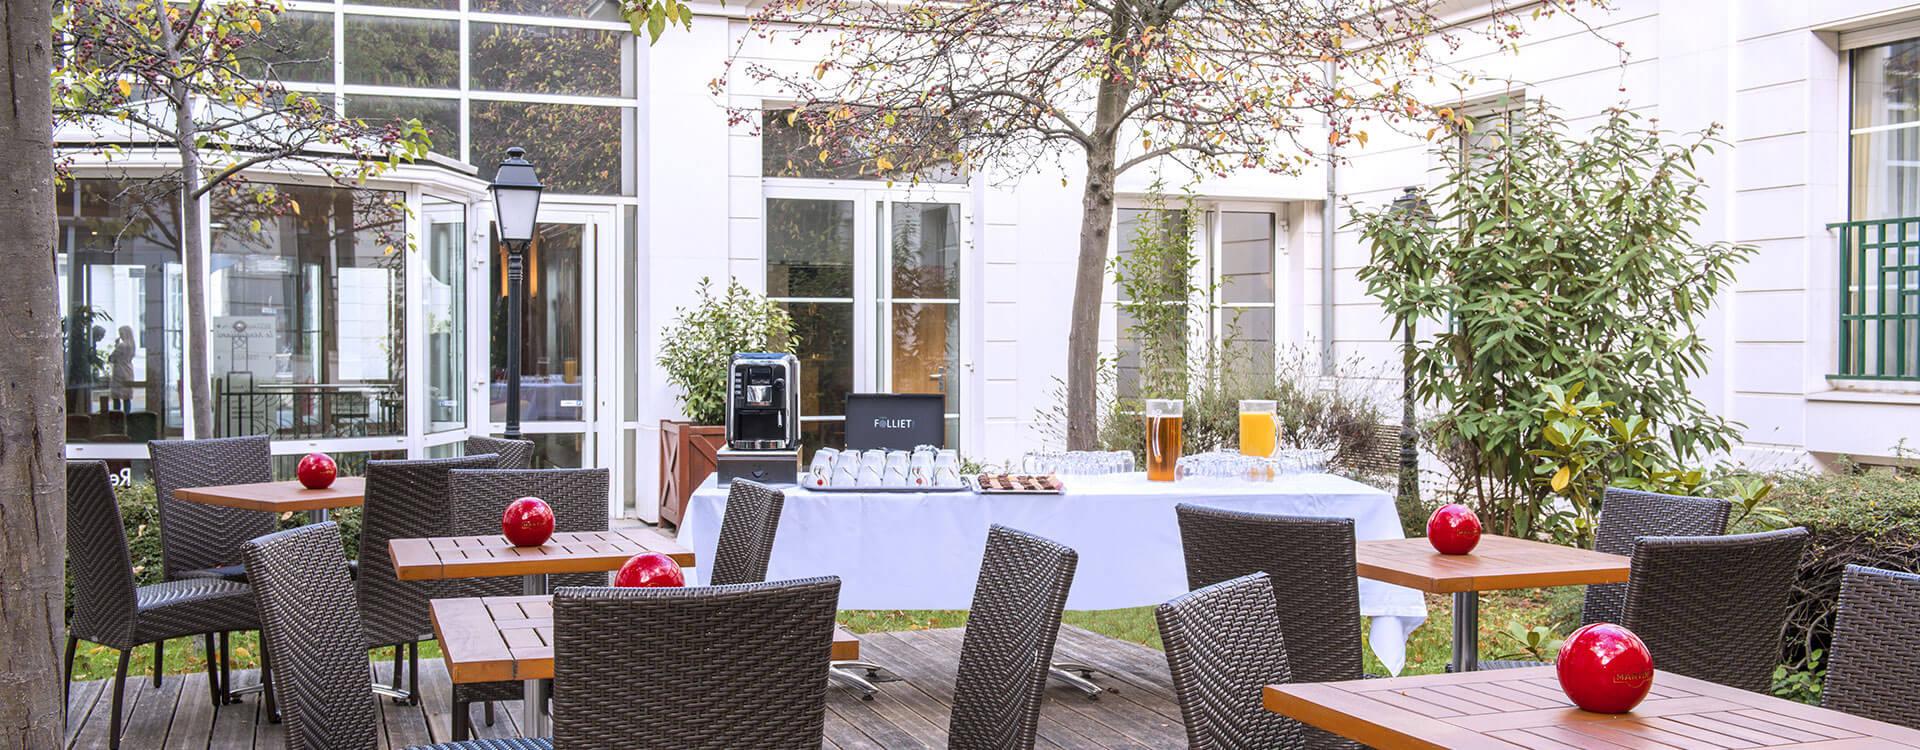 Cours et jardin - Hôtel*** Paris La Villa Modigliani